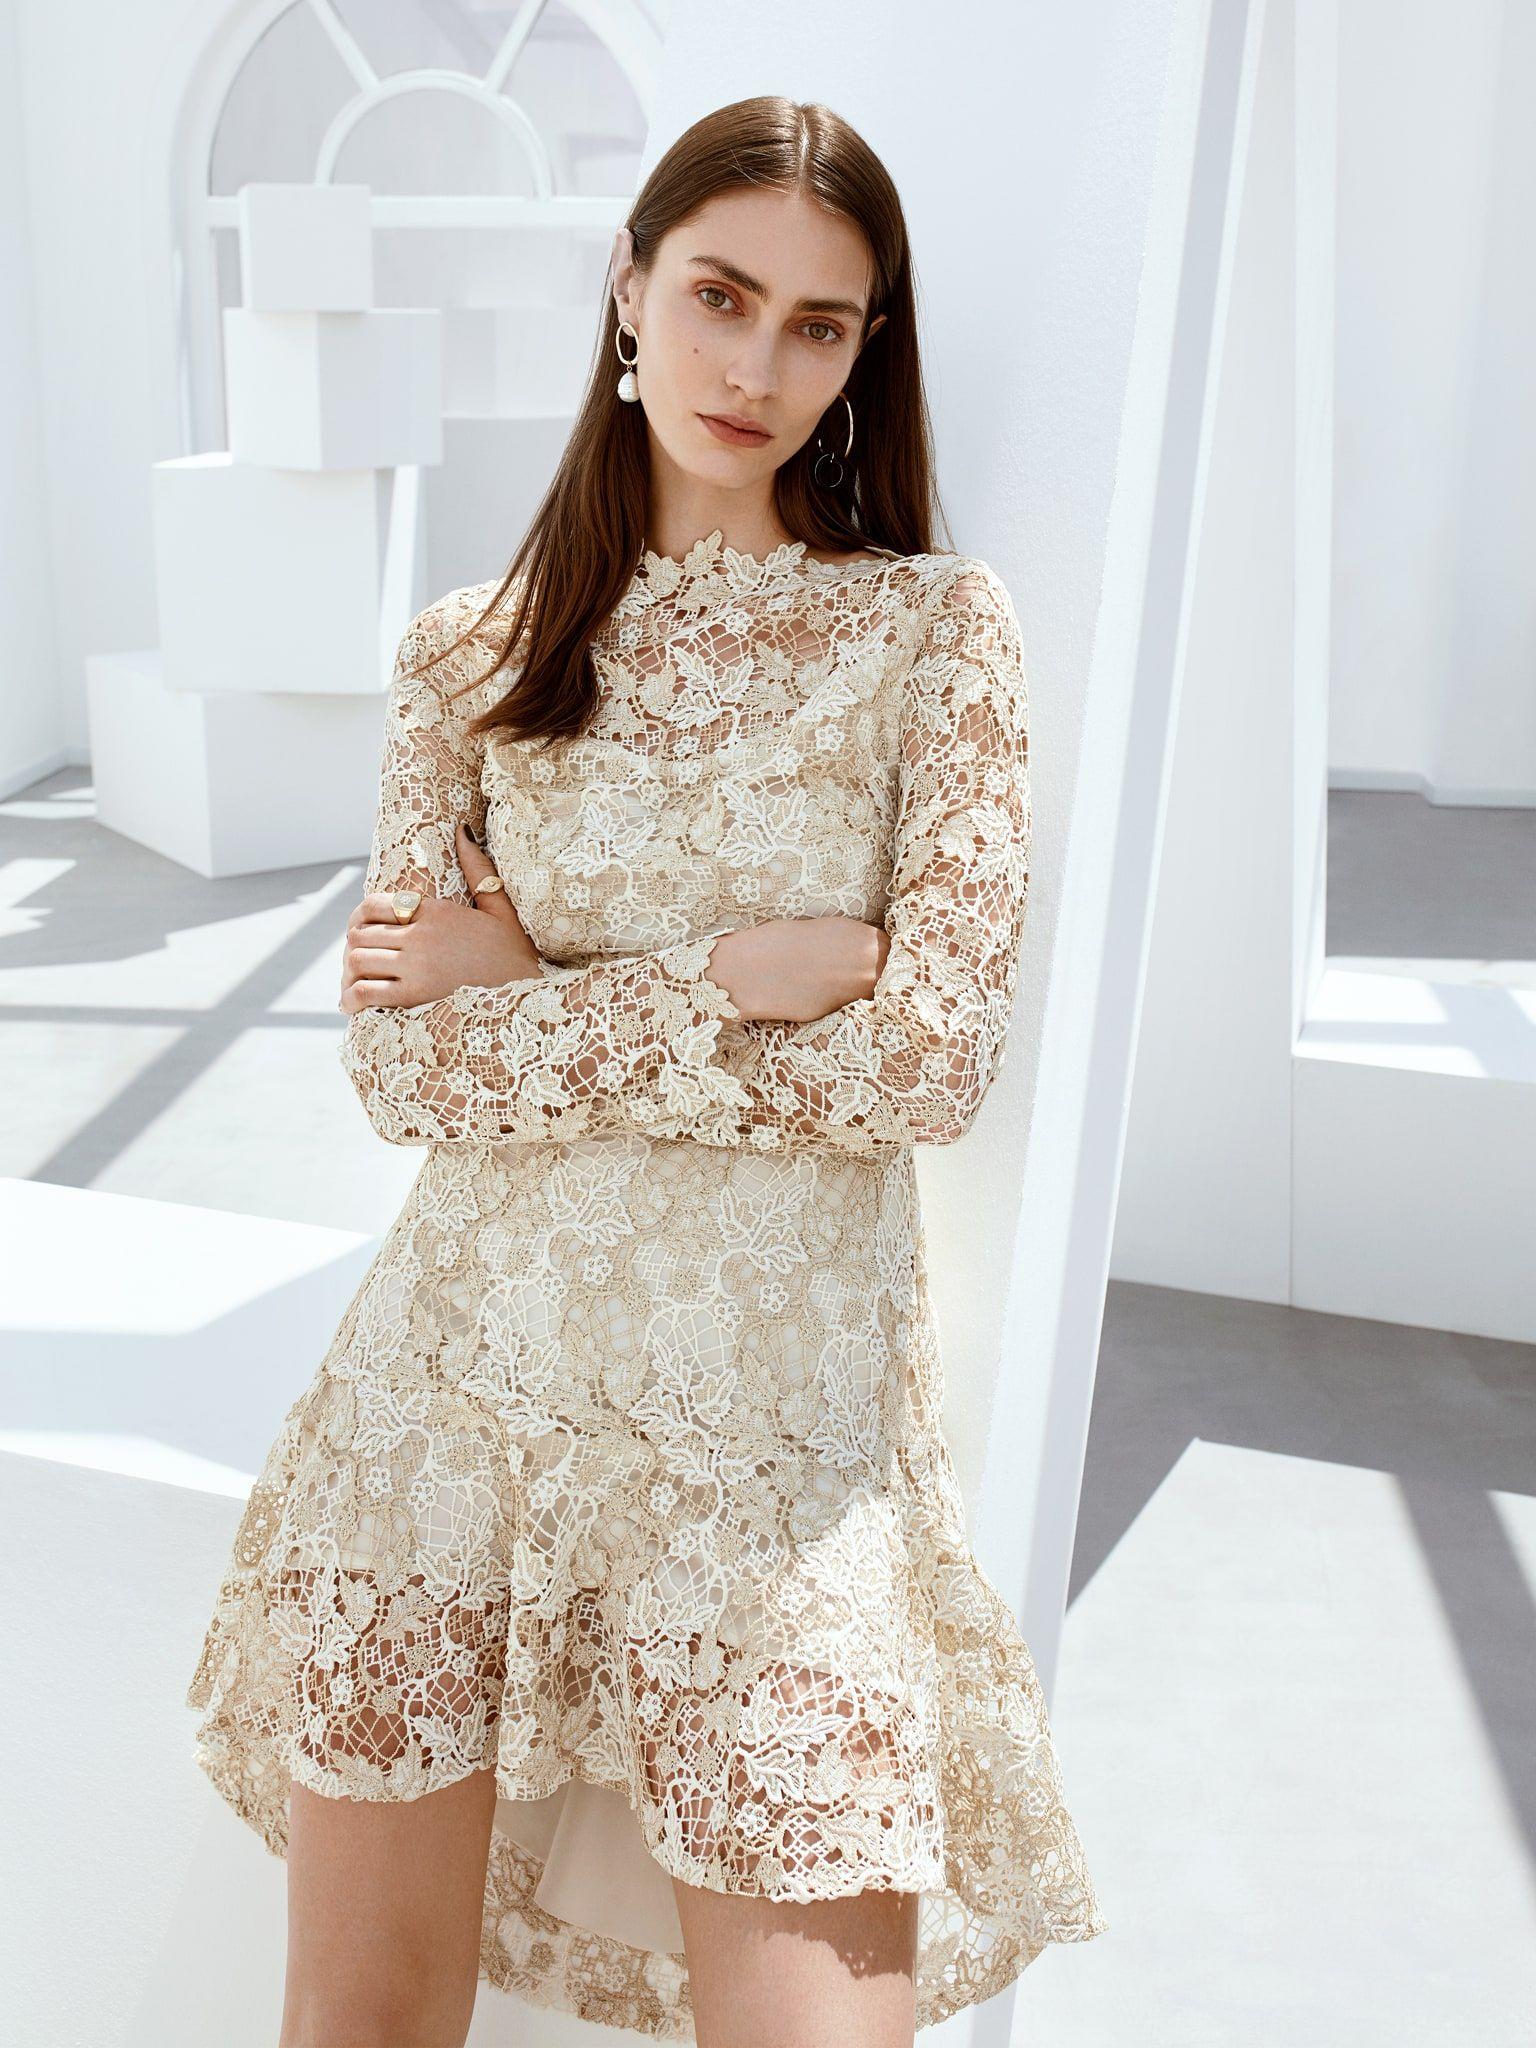 Ekru Etegi Volanli Gupur Elbise Iw6190002158018 Ipekyol Elbise Elbise Modelleri Gomlek Elbise